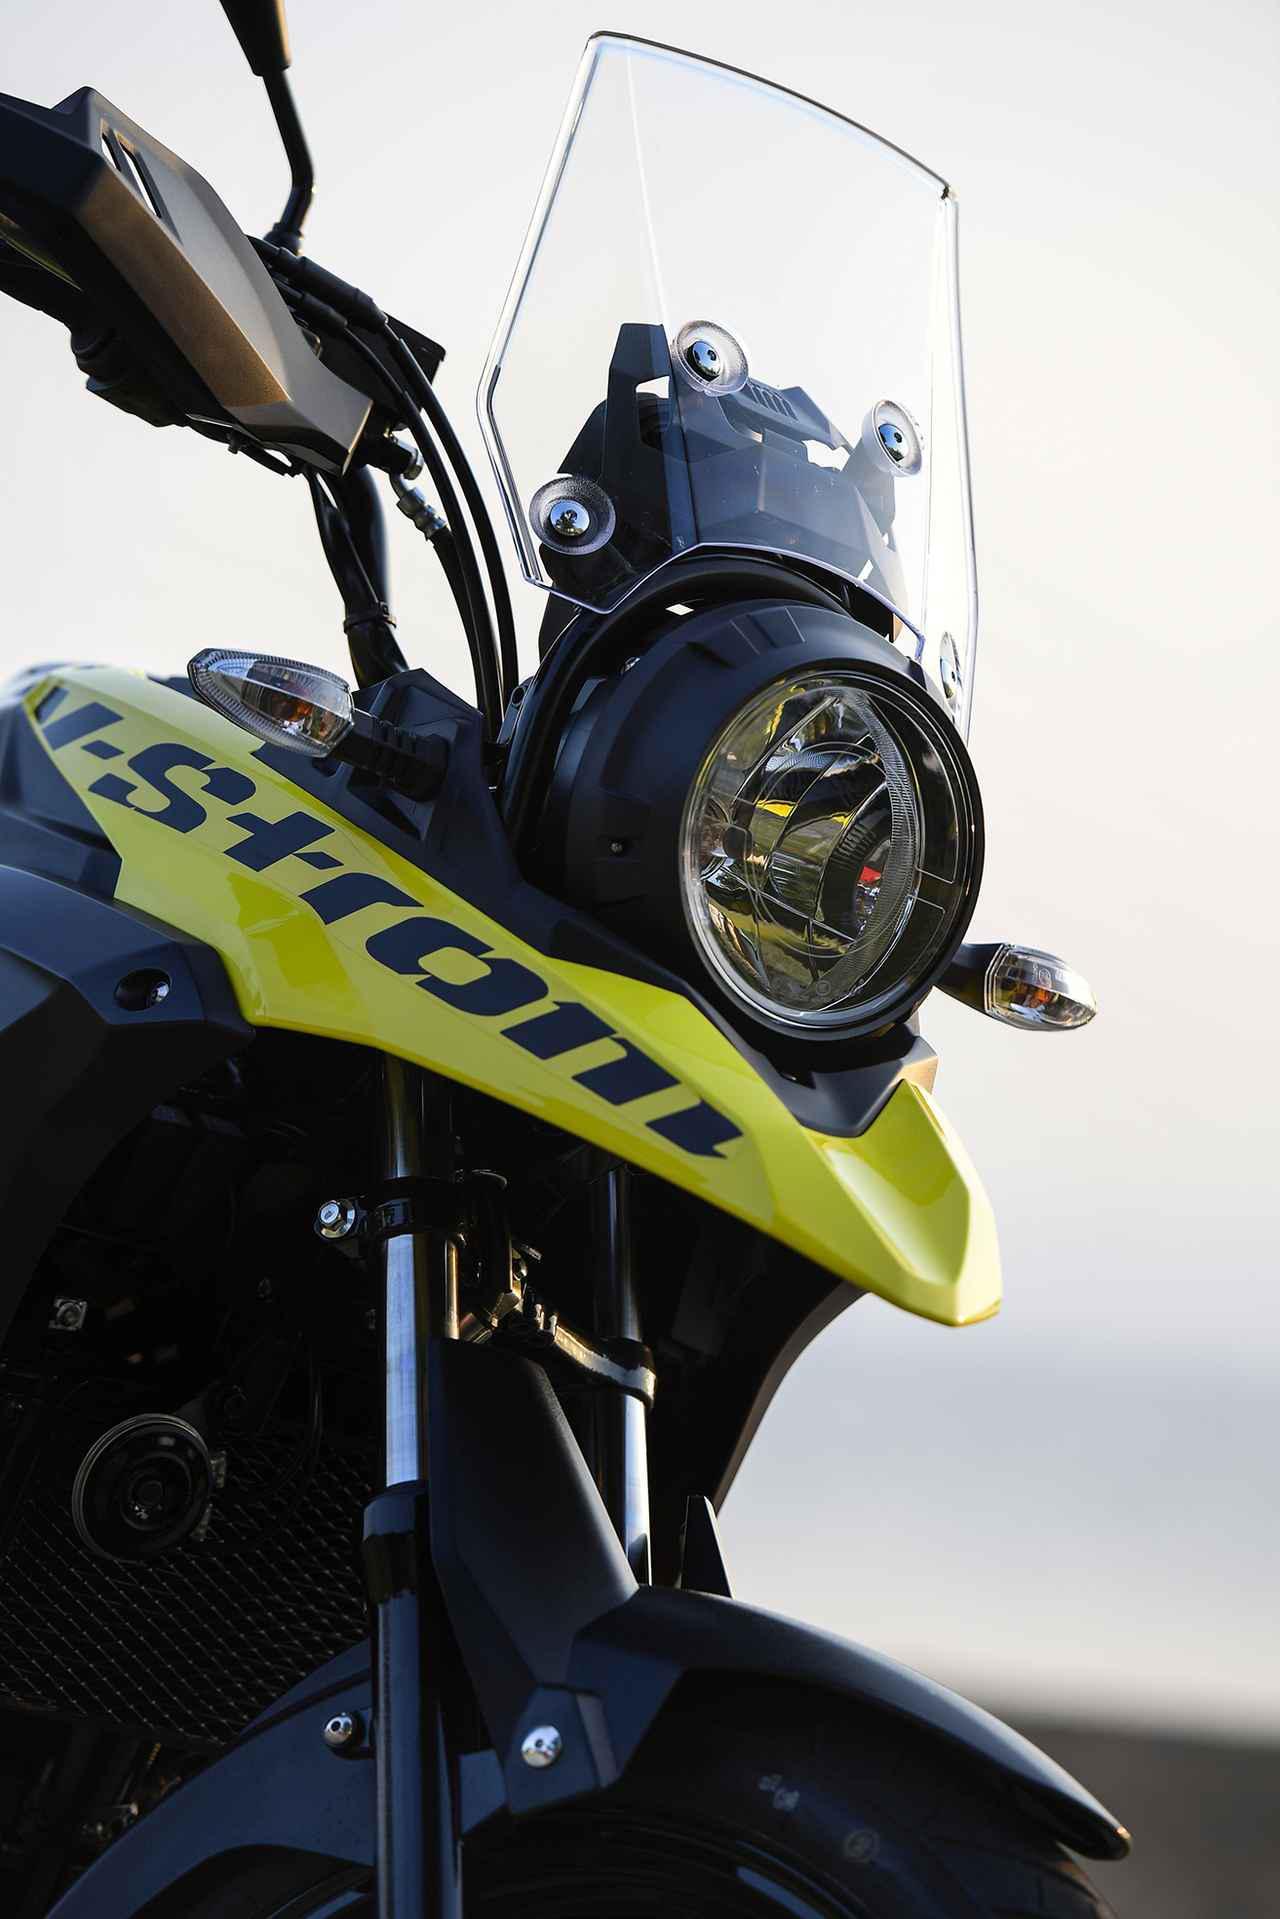 画像: 冒険バイクのアイコン「クチバシ」と丸目1灯ライトの組み合わせも他にはない個性。スズキにはラリーマシンのDR-BIGっていう歴史もありますから、こういうのも得意分野なんです。